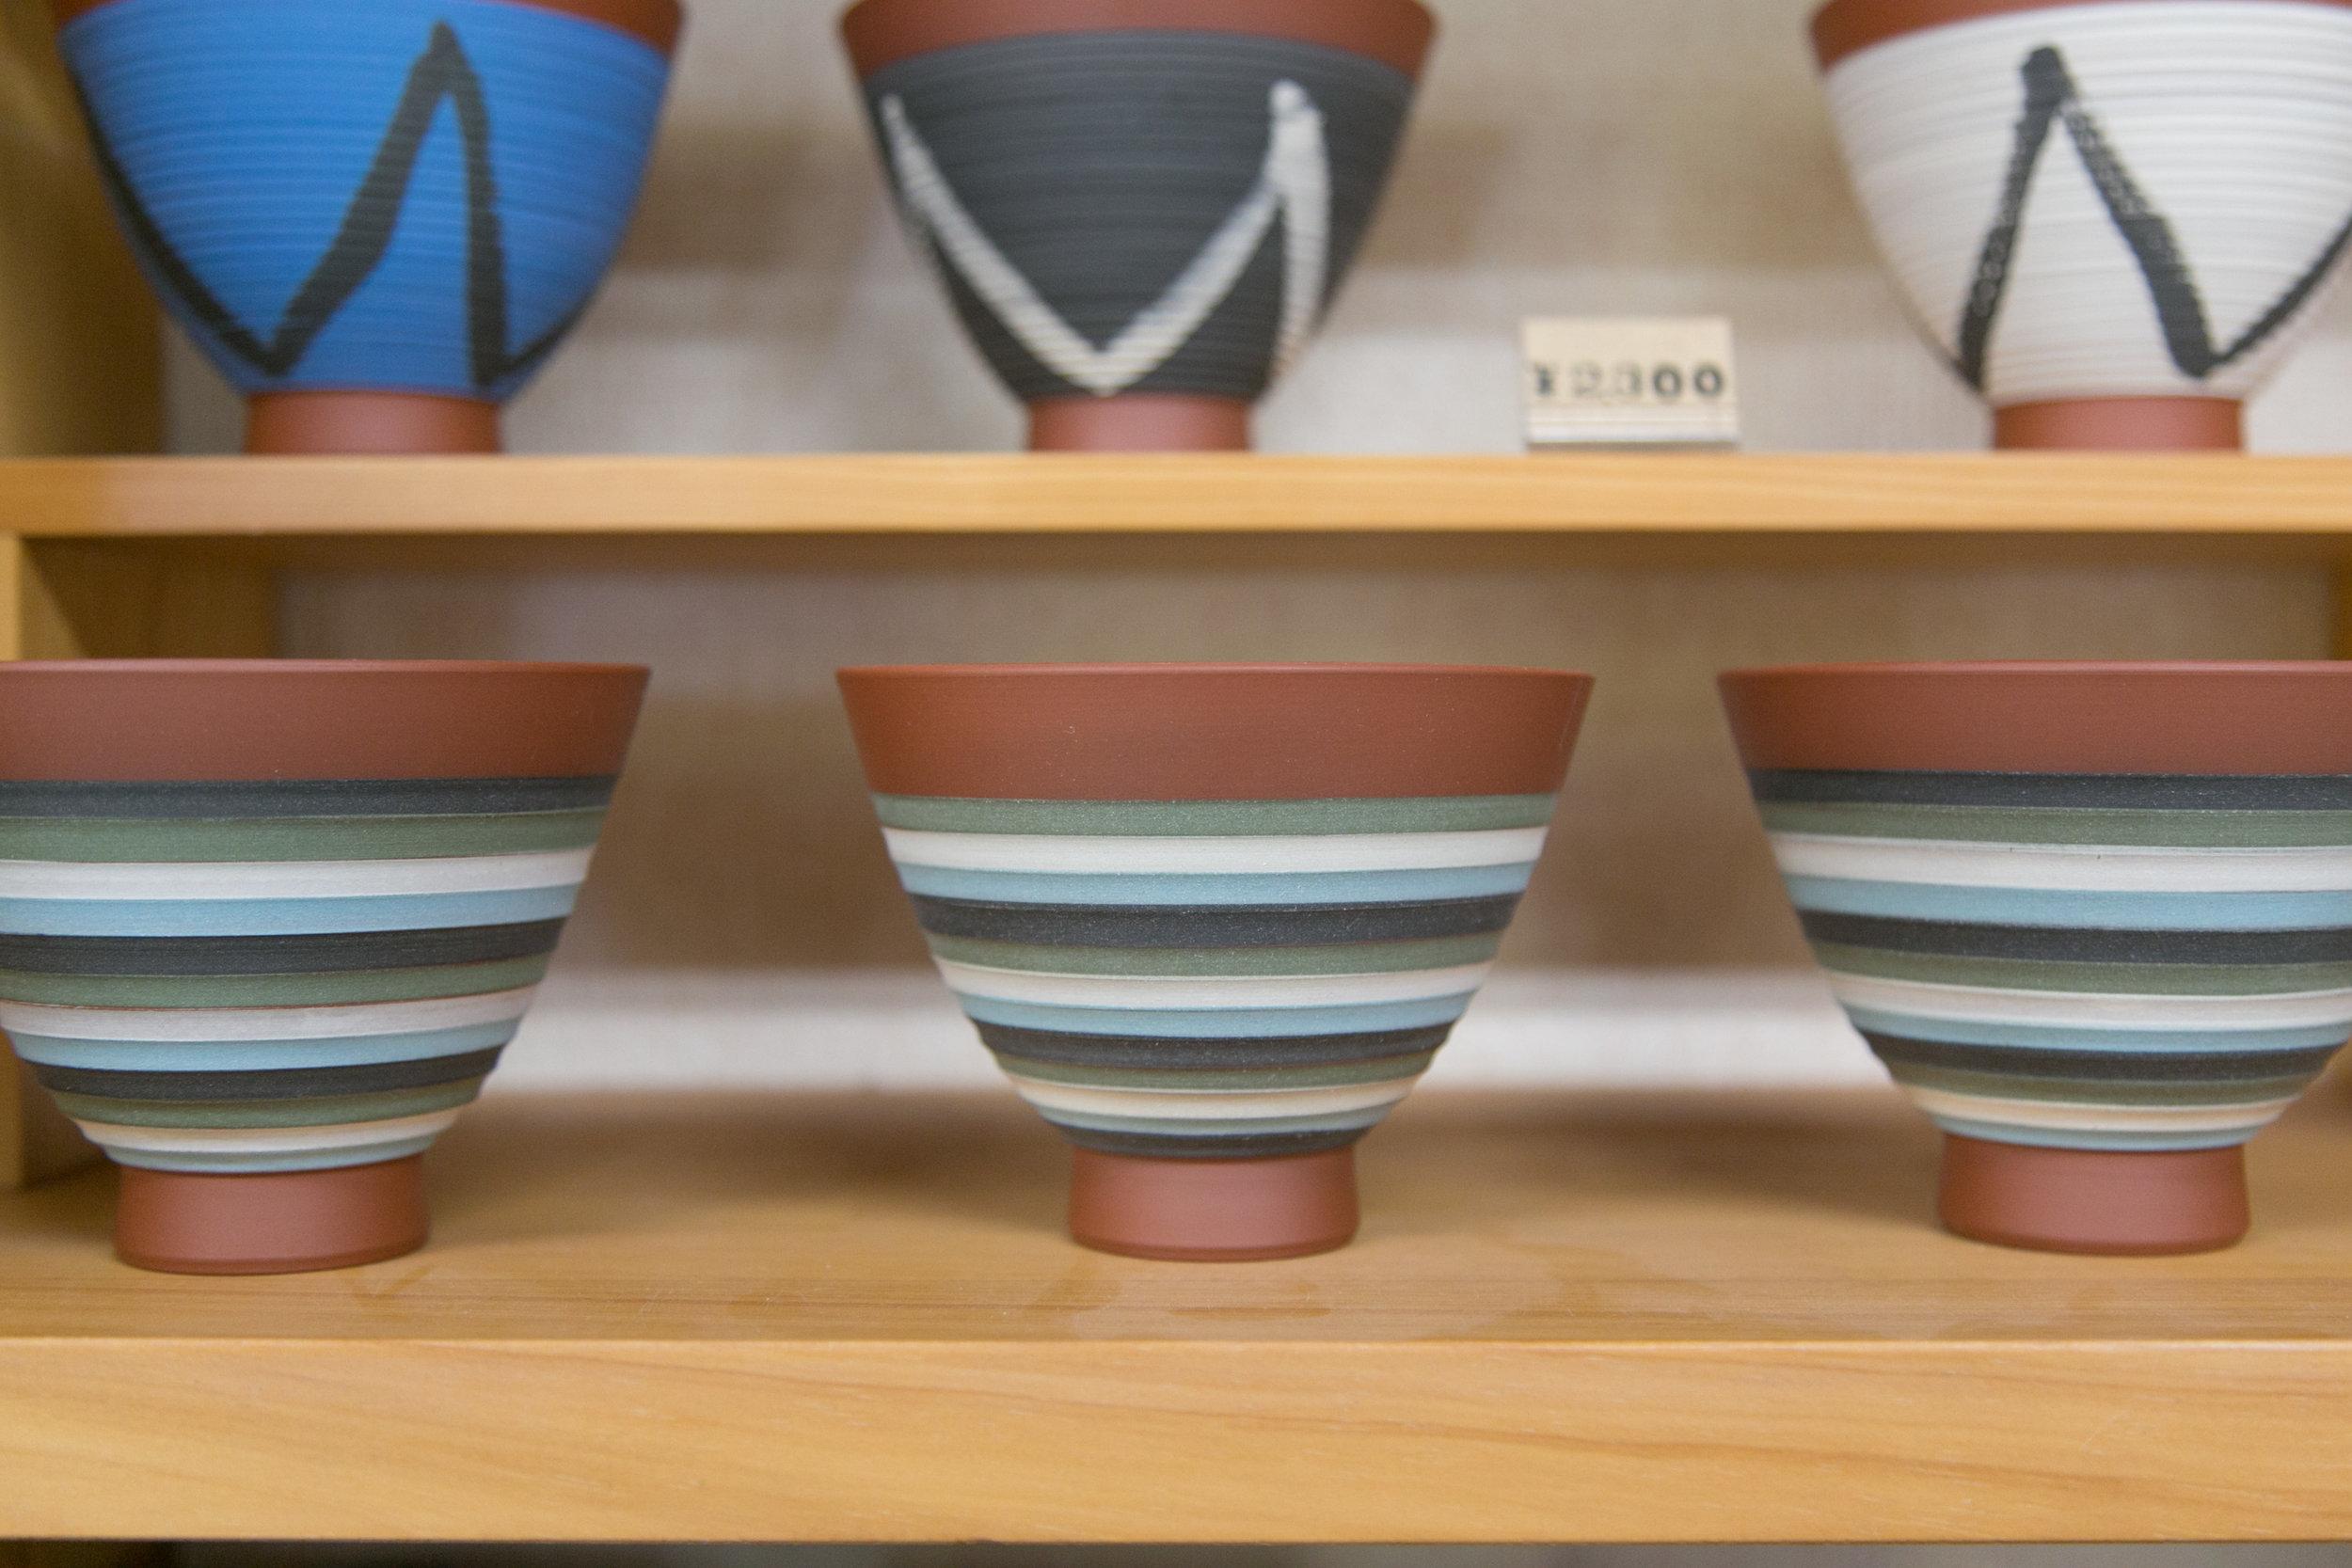 鮮やかなボーダーがデザインされたご飯茶碗